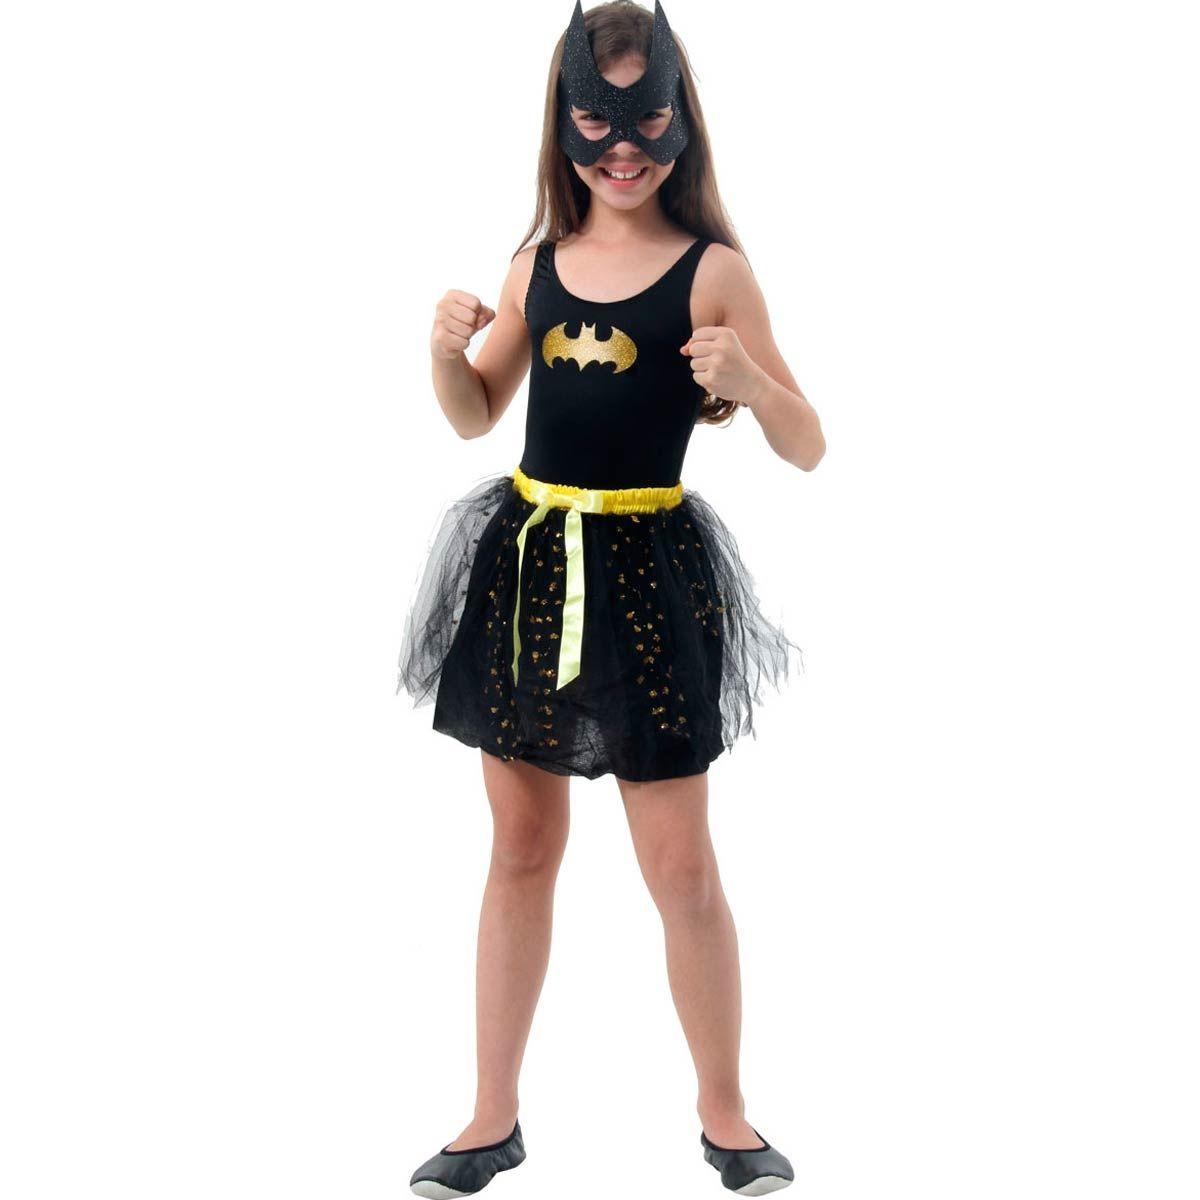 fantasia batgirl Carnaval